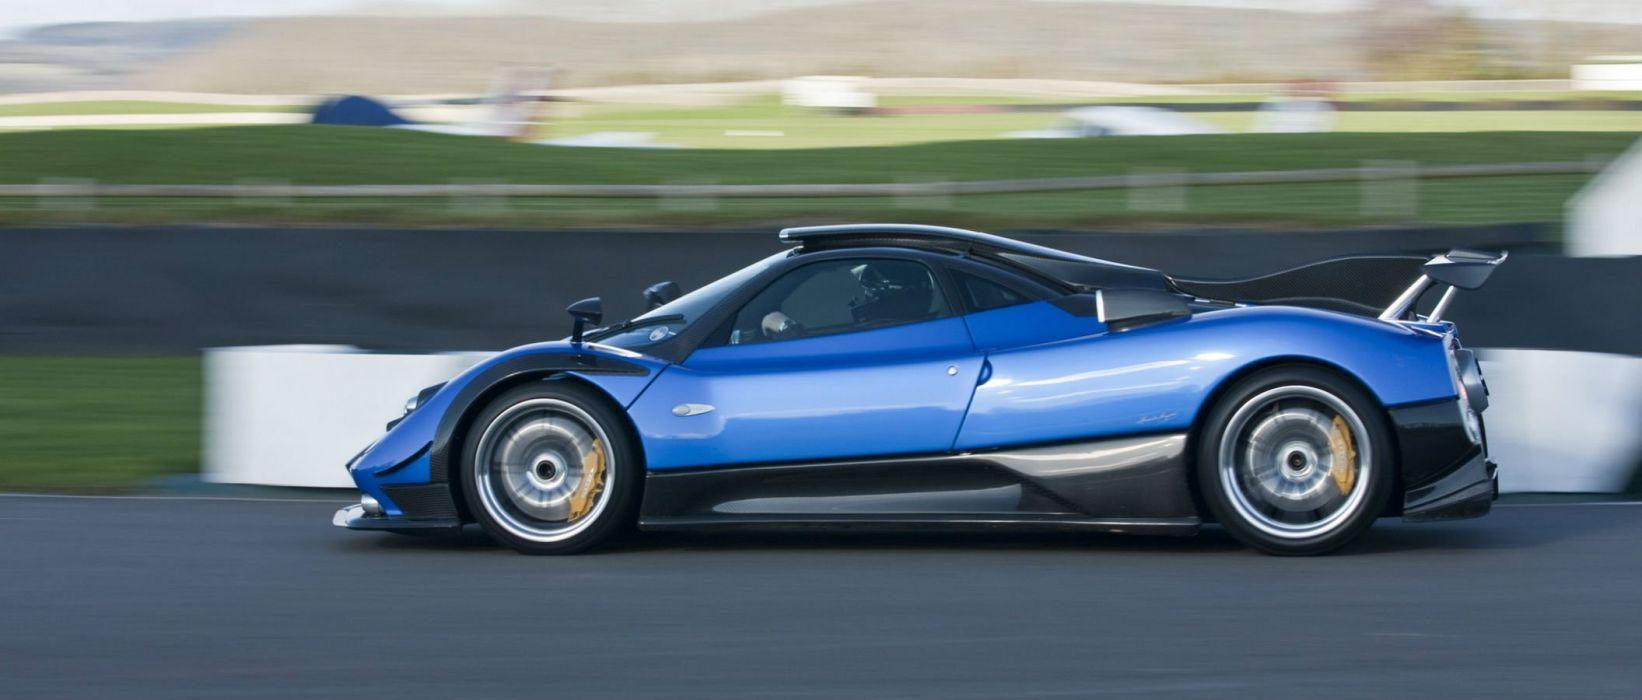 2013 Pagani Zonda 760PS supercar wallpaper